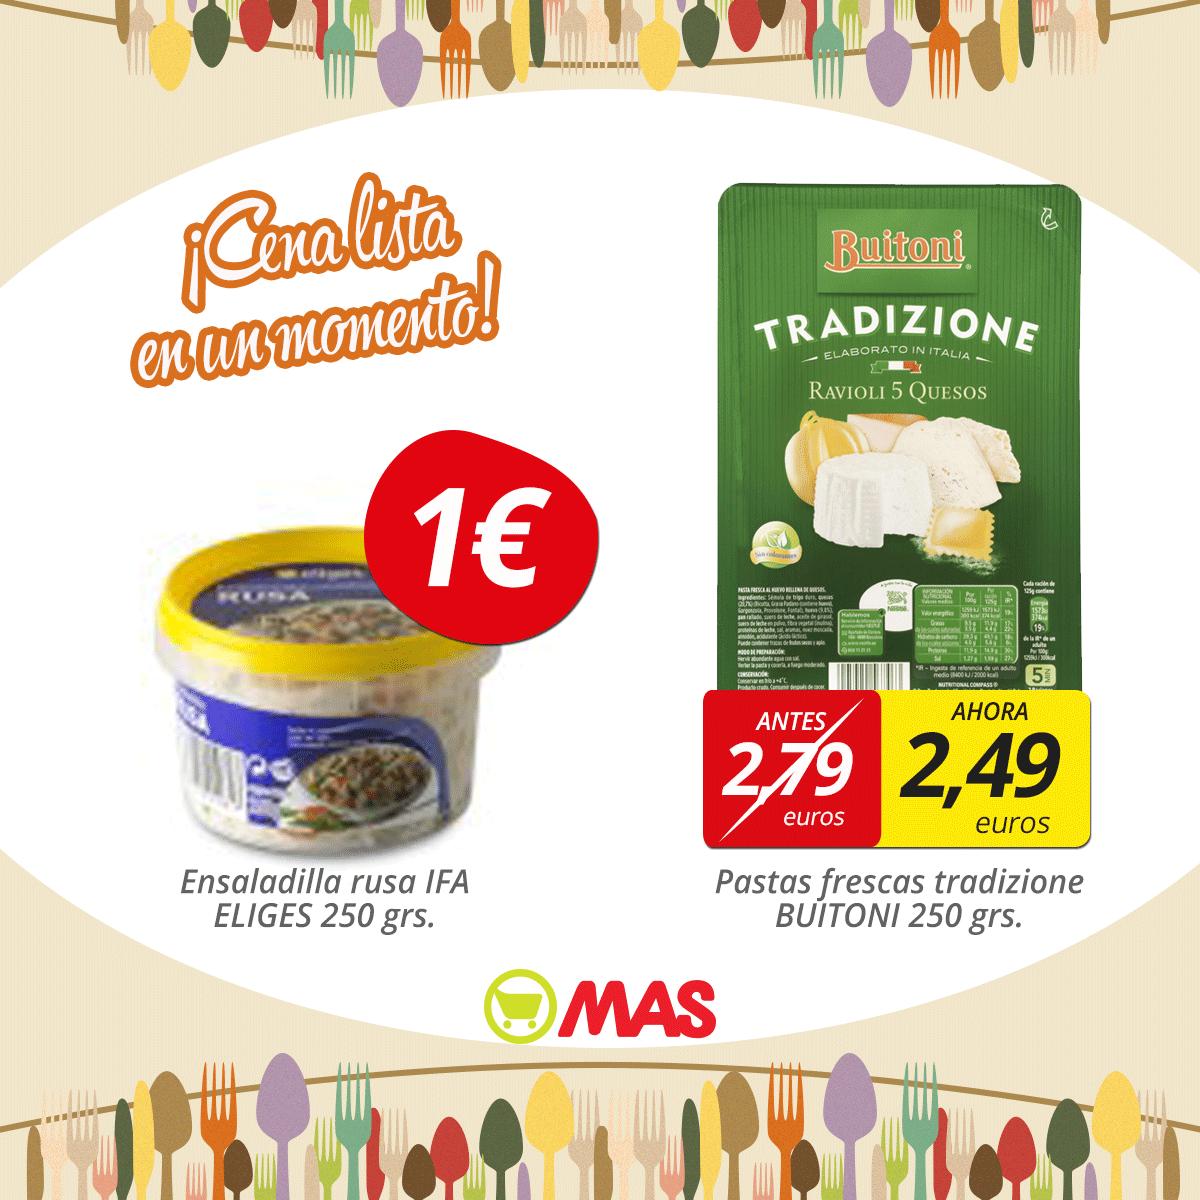 Hoy te preparamos la cena: ensaladilla rusa y pasta fresca! #Ofertas #CocinaRápida